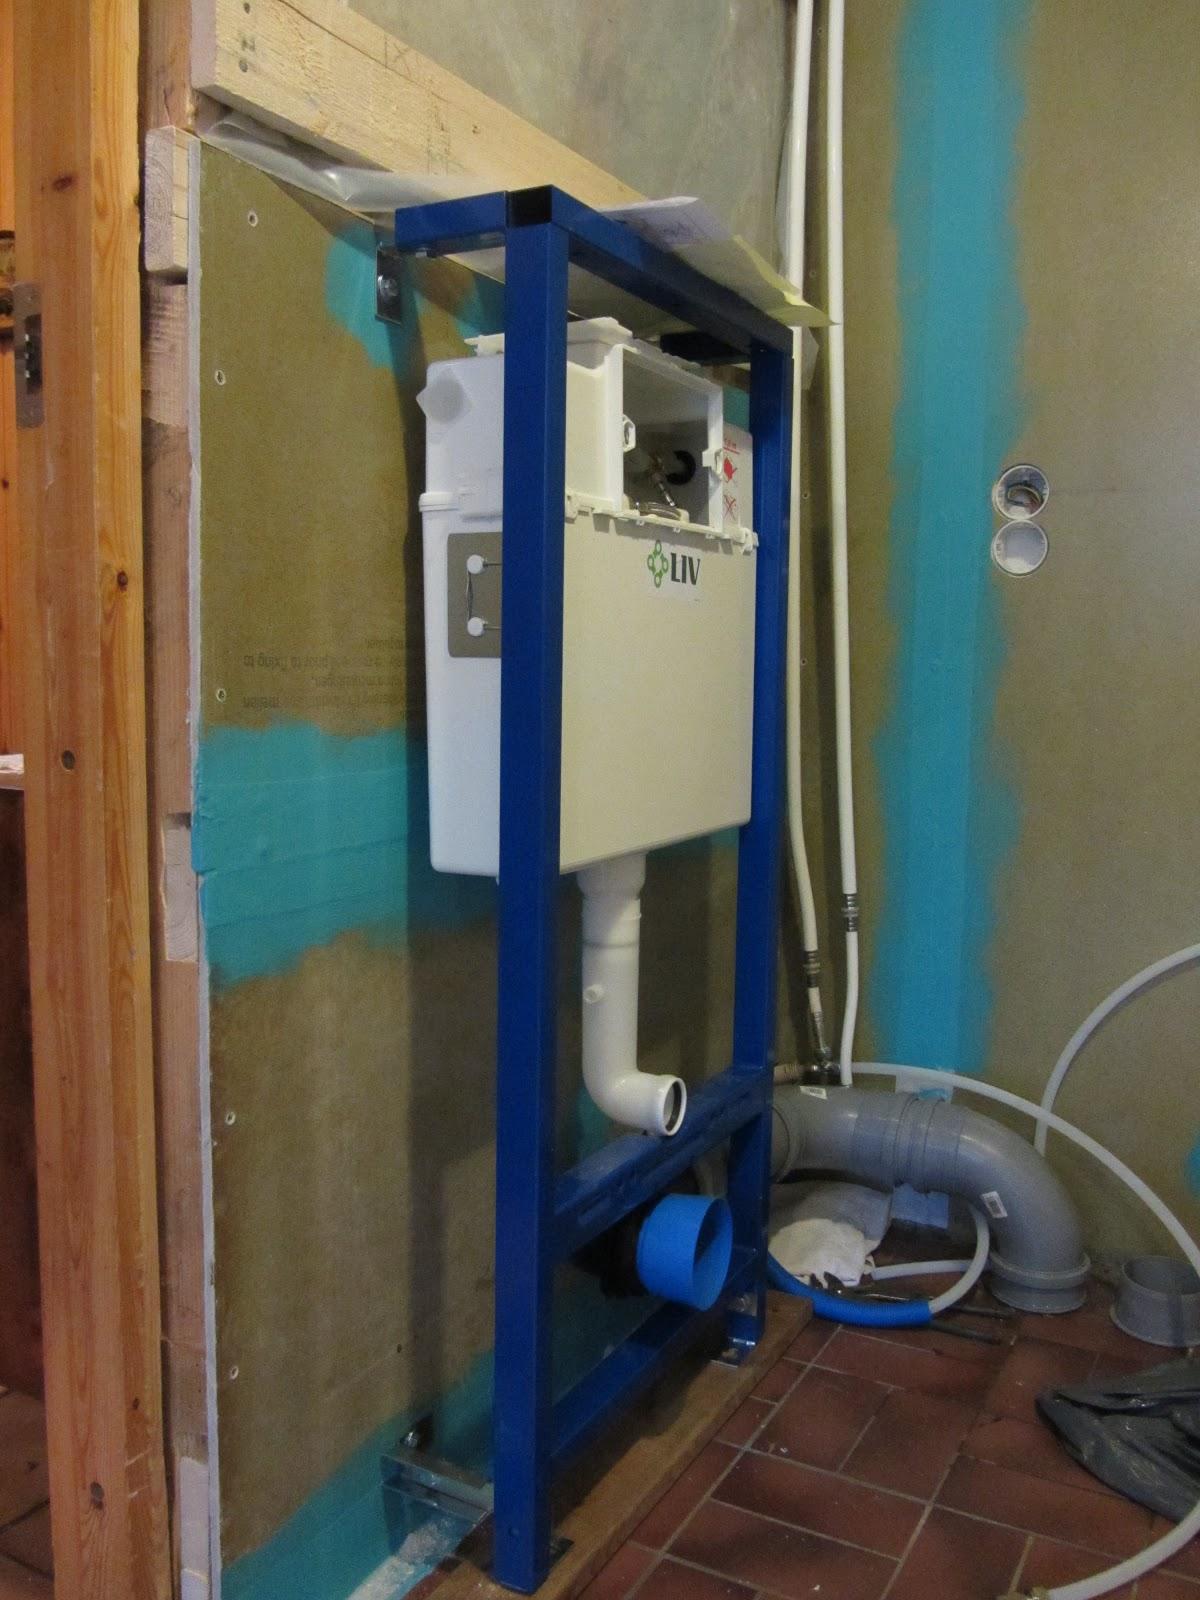 Seinä wc vesieristys – Talo kaunis rakennuksen julkisivuun